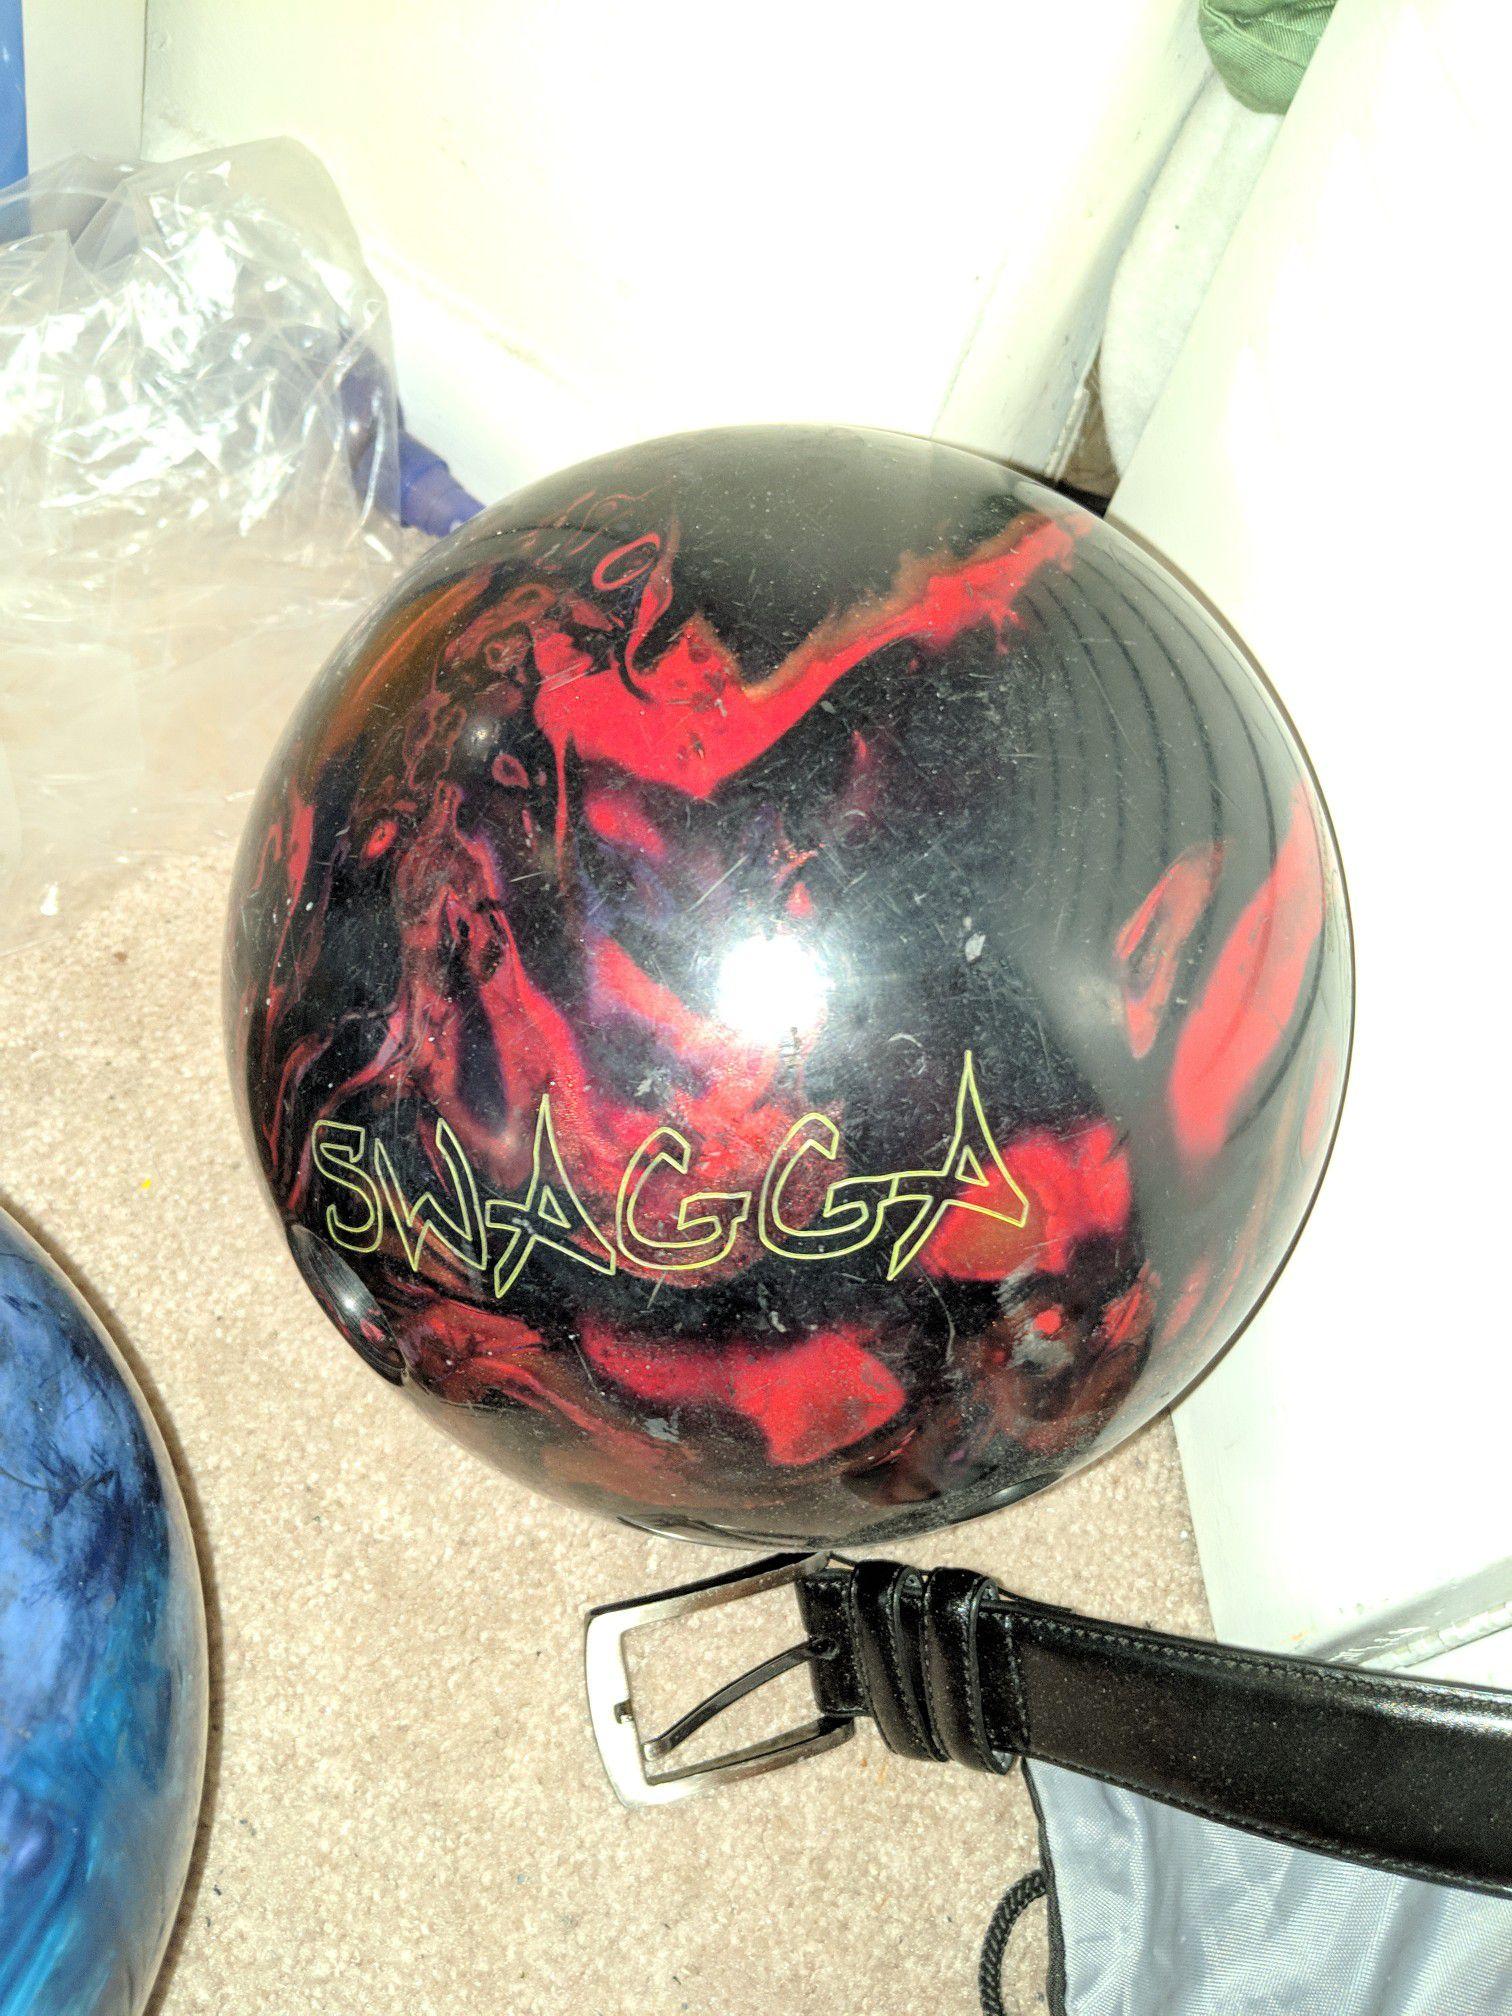 Swagga bowling ball